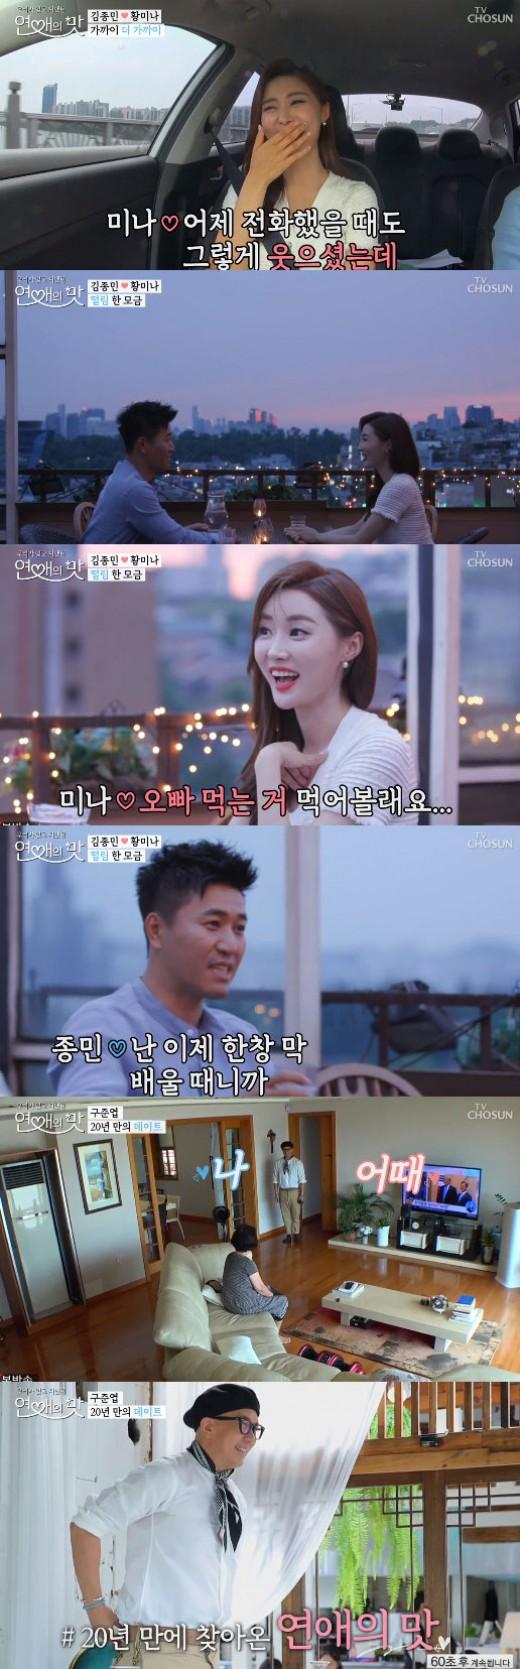 '연애의 맛' 김종민X황미나 커플 됐다...구준엽 소개팅 도전 _이미지